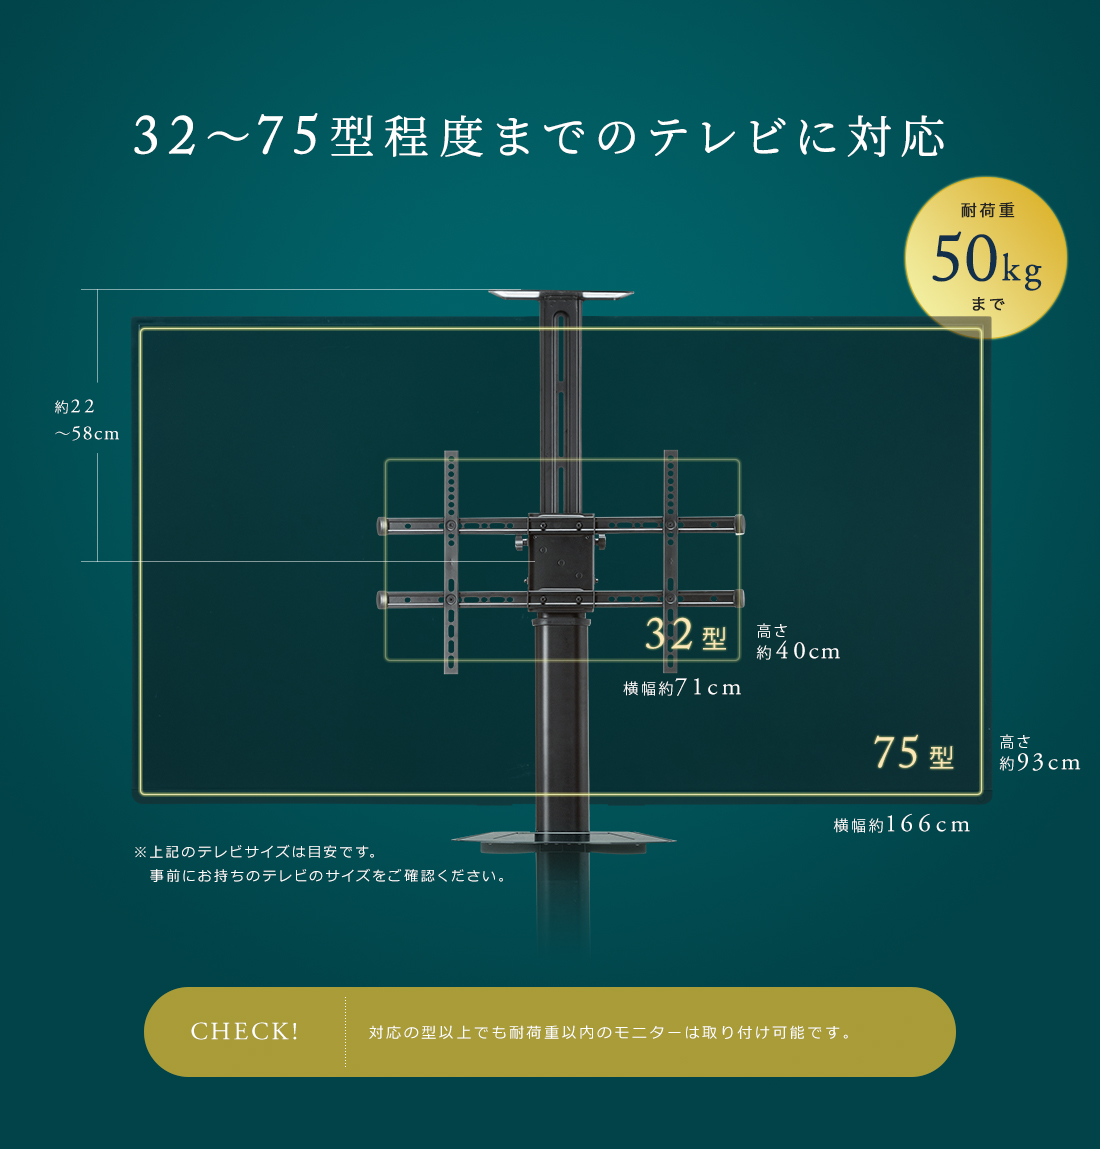 32〜75型程度までのテレビに対応。耐荷重は50kgまで。